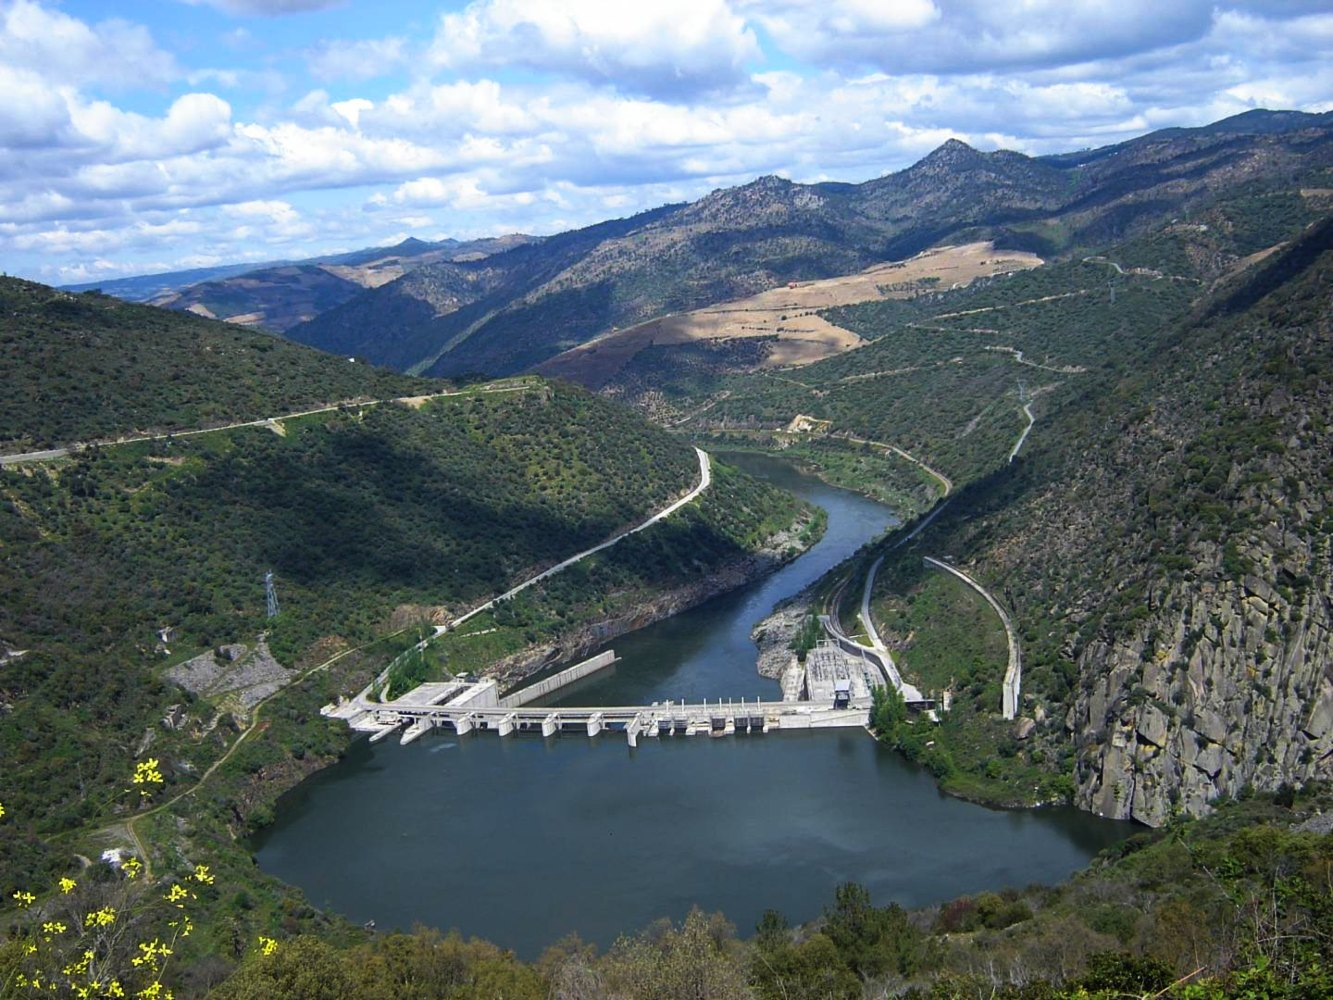 Barragem da Valeira em São João da Pesqueira